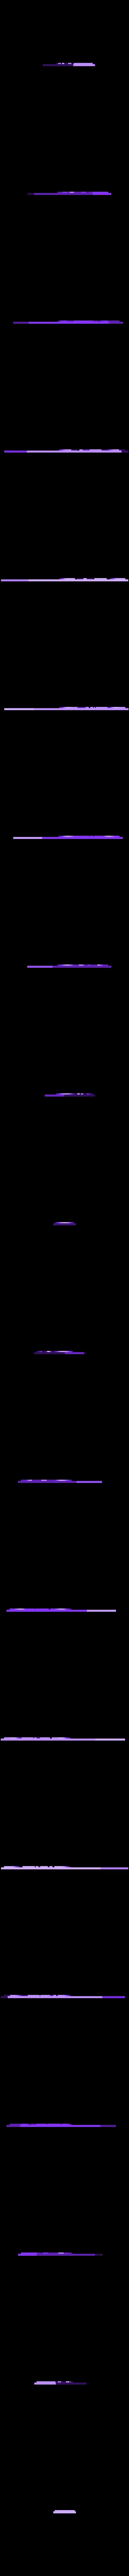 DEAD.stl Télécharger fichier STL gratuit Étiquettes de noms de plantes • Plan imprimable en 3D, Jdog